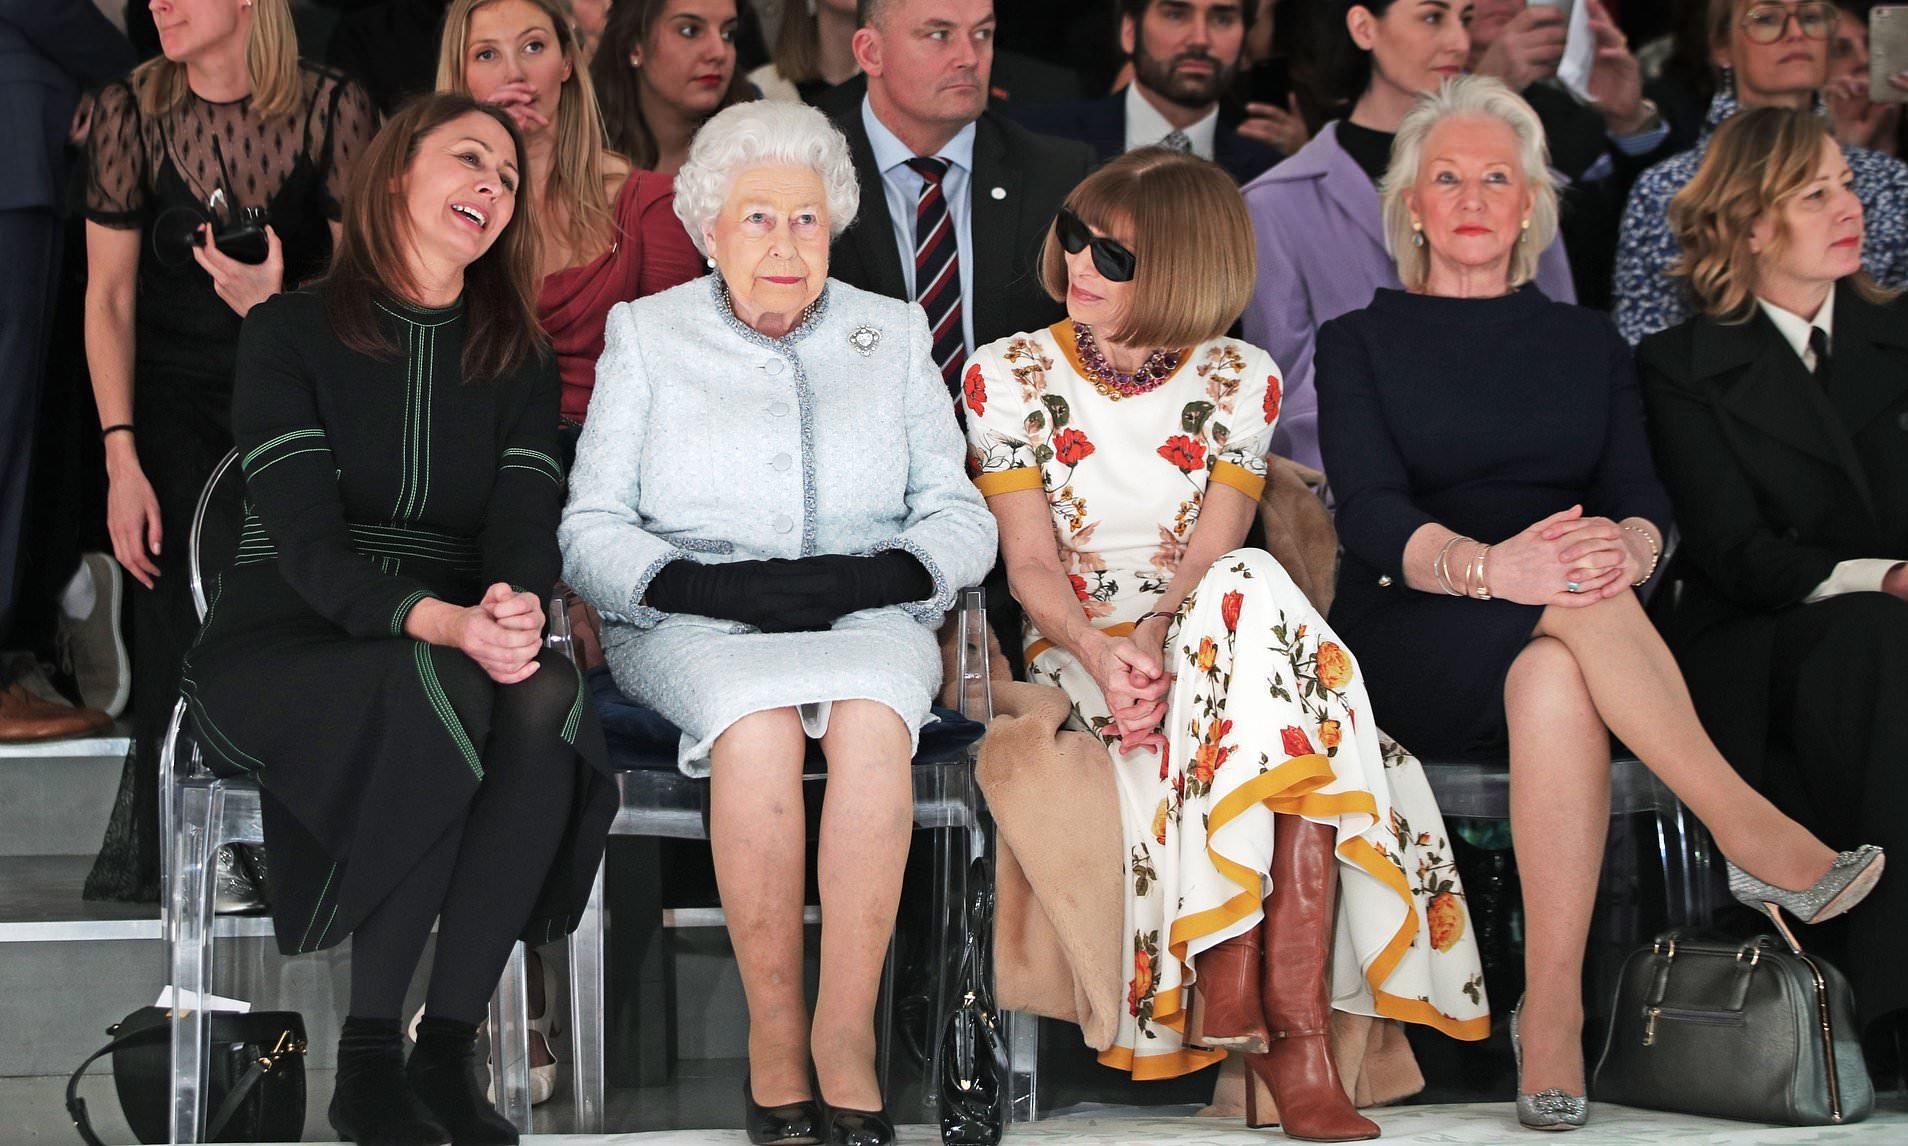 anna wintour và nữ hoàng elizabeth ngồi front row